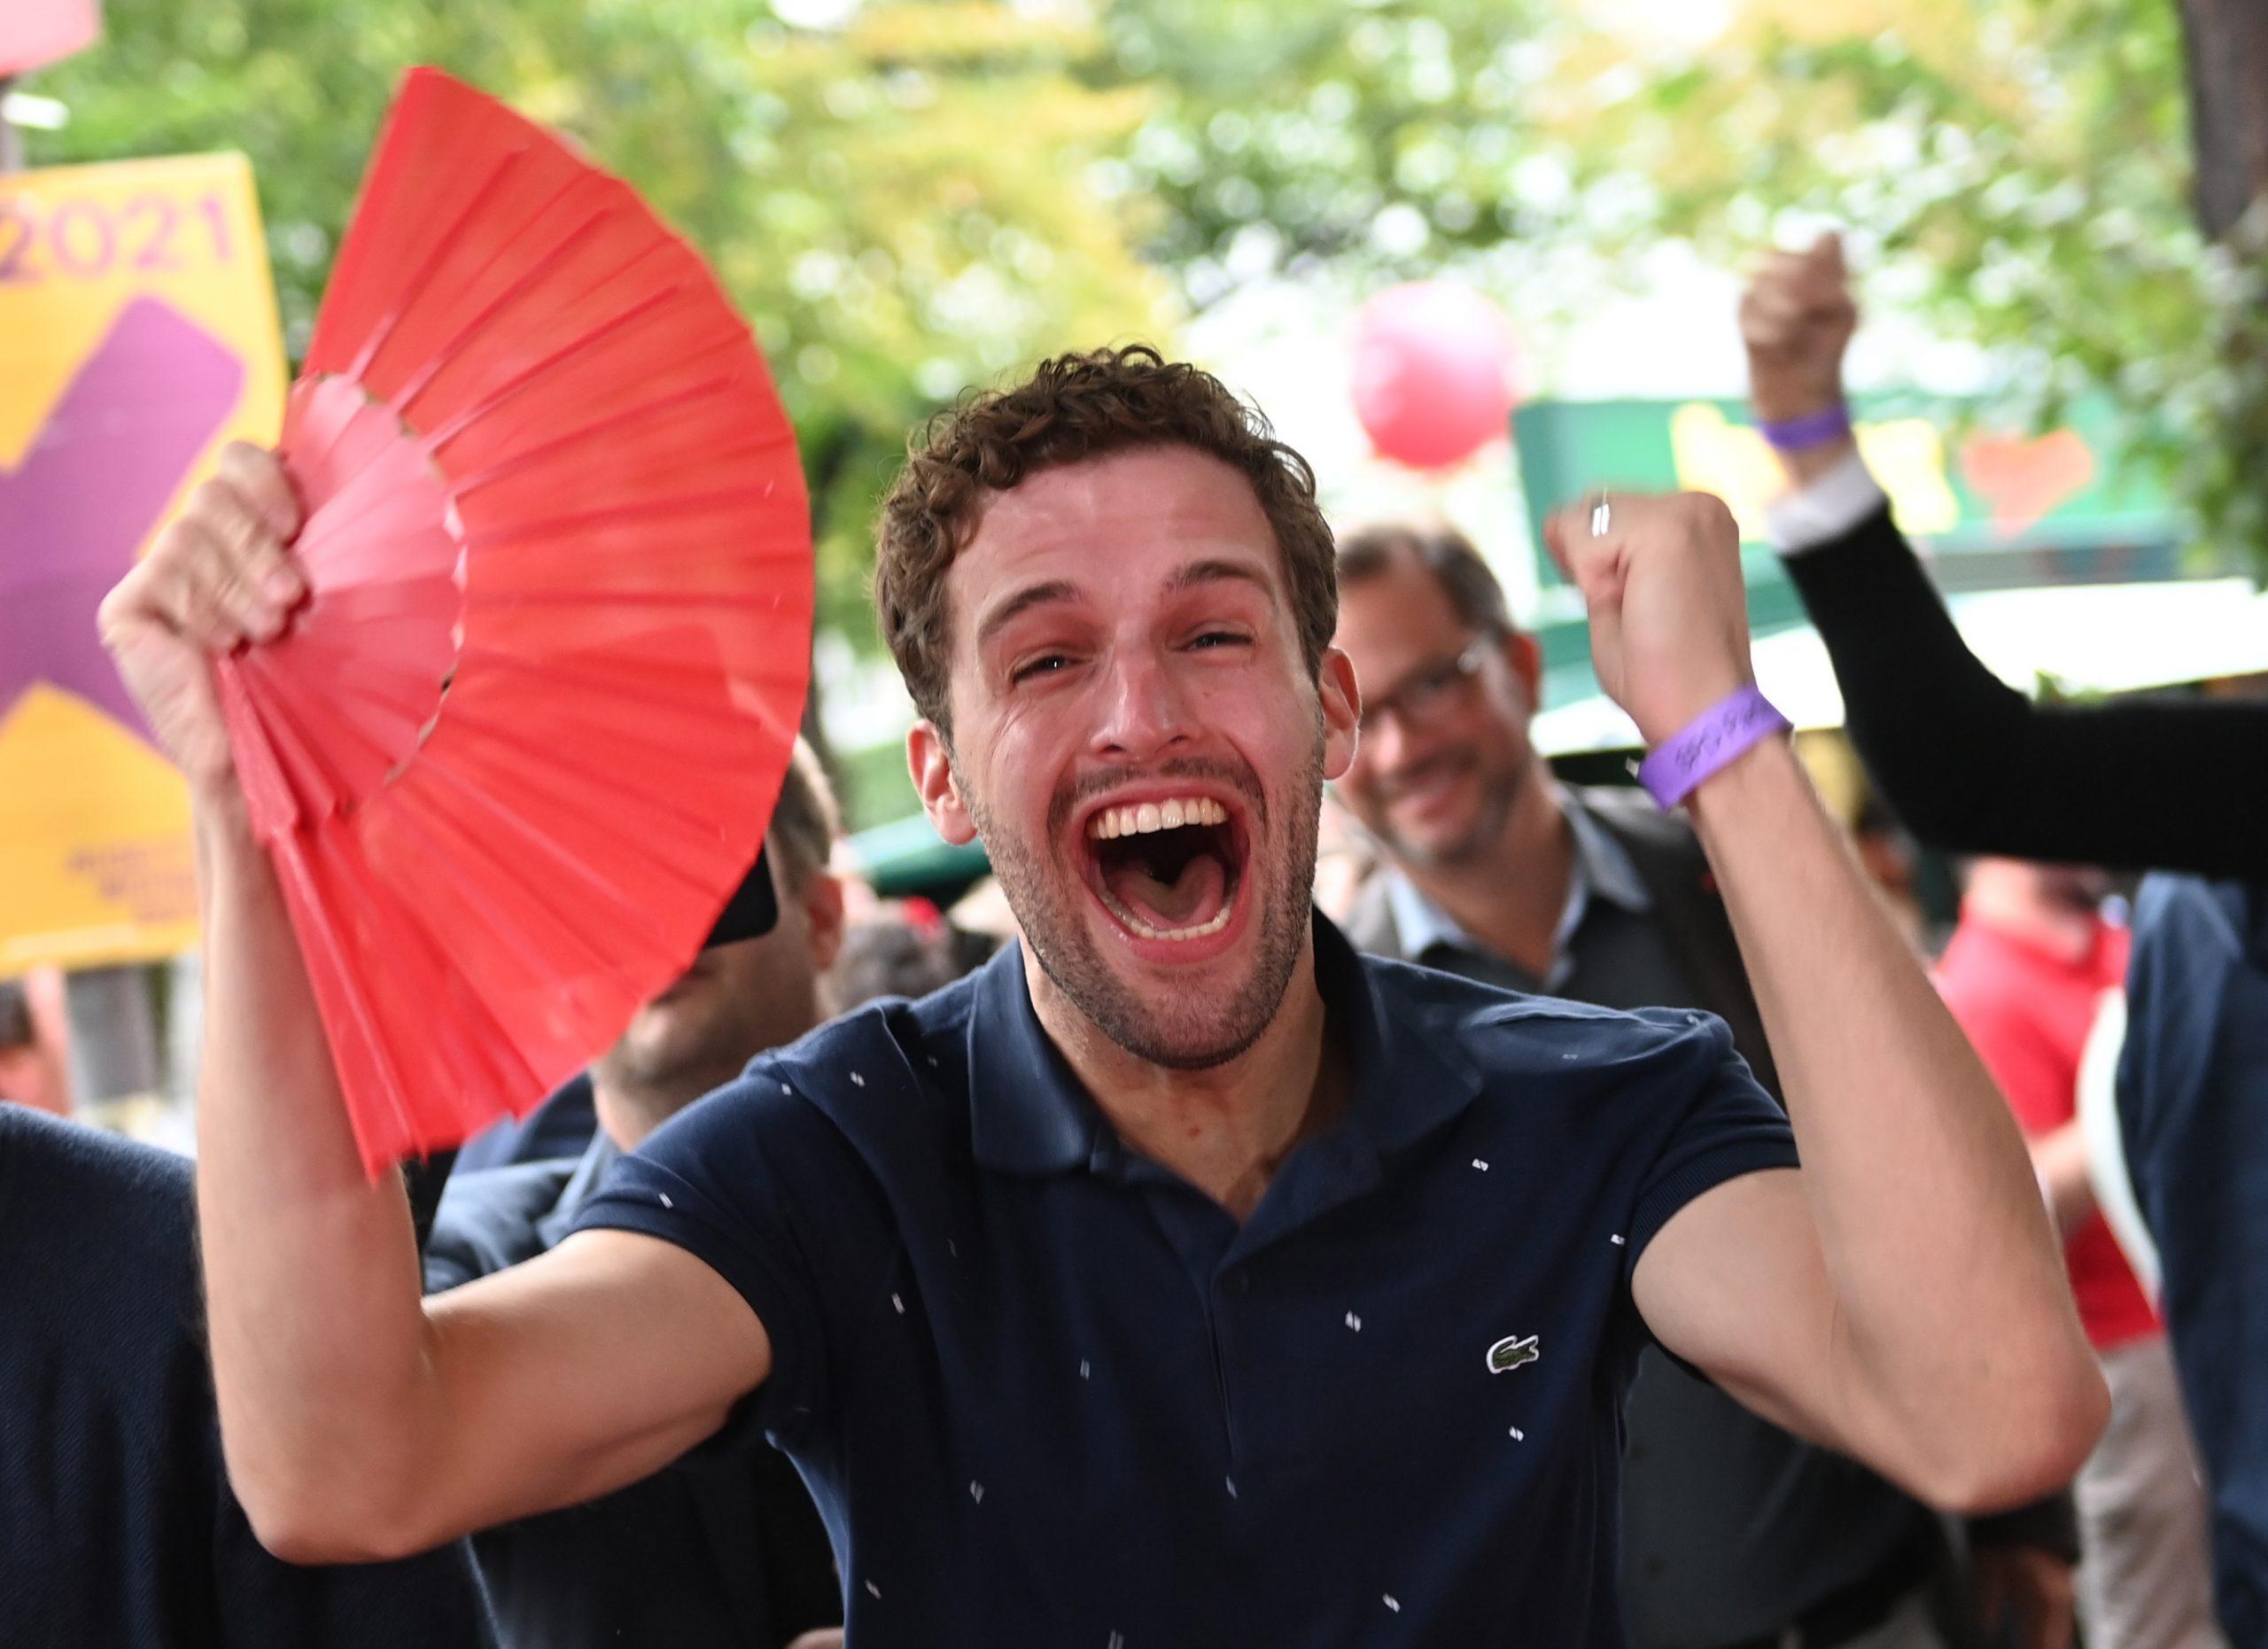 Ein Anhänger der SPD reagiert vor dem Willy-Brandt-Haus auf die ersten Ergebnisse der Bundestagswahl.